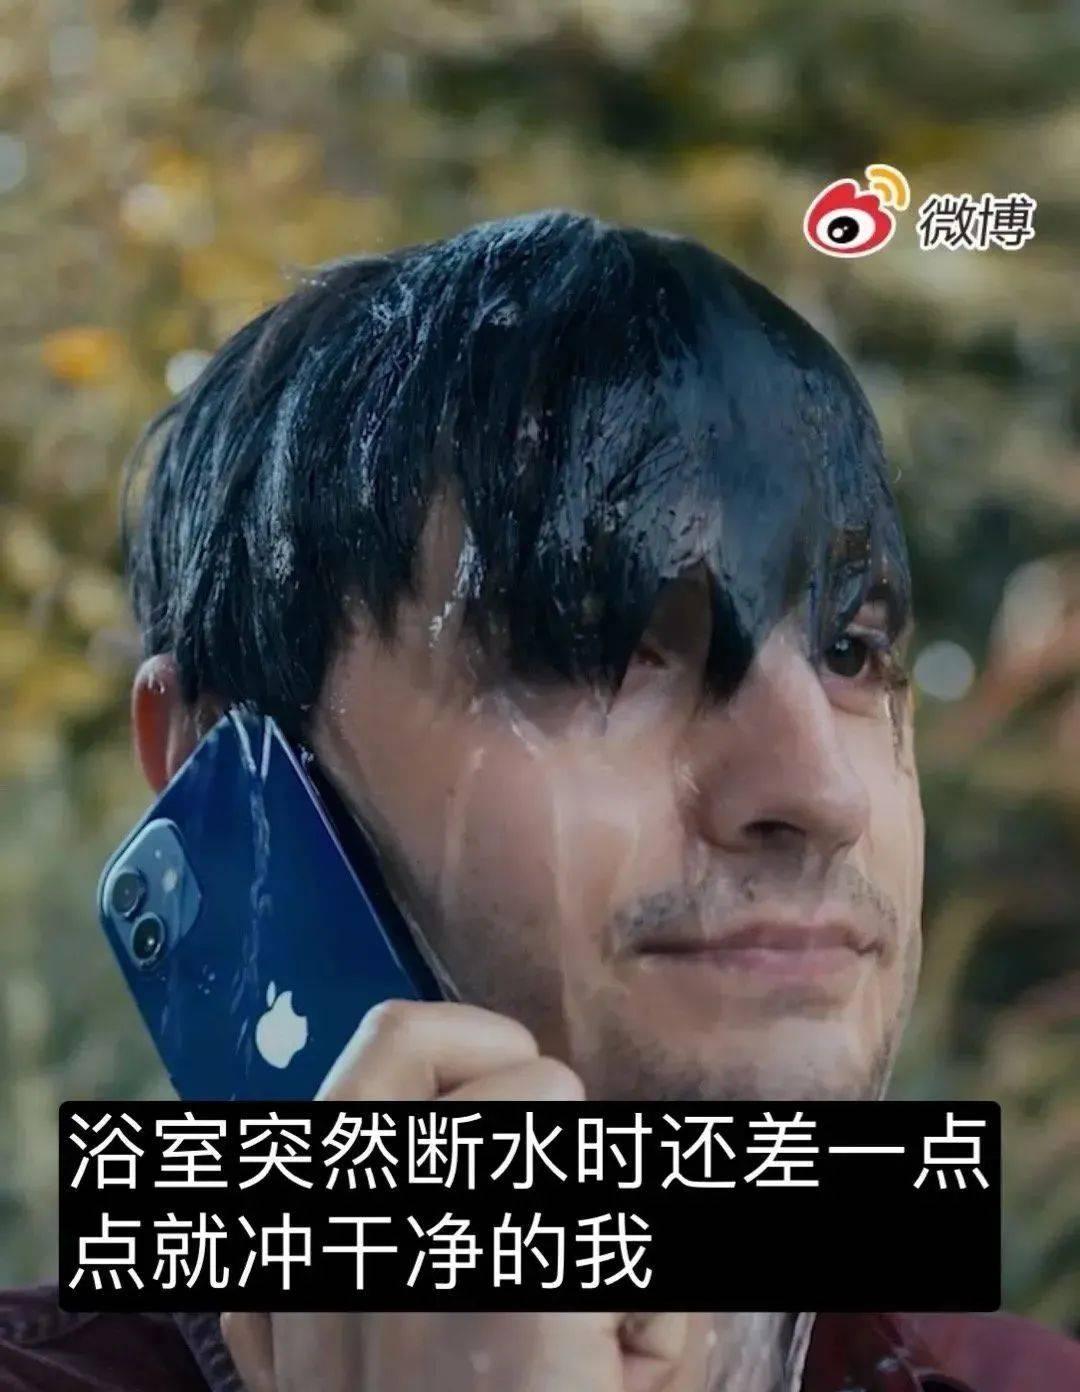 48142459160ed0afc65fff7.38056594 - 苹果开屏广告遭群讽,我要唱反调!